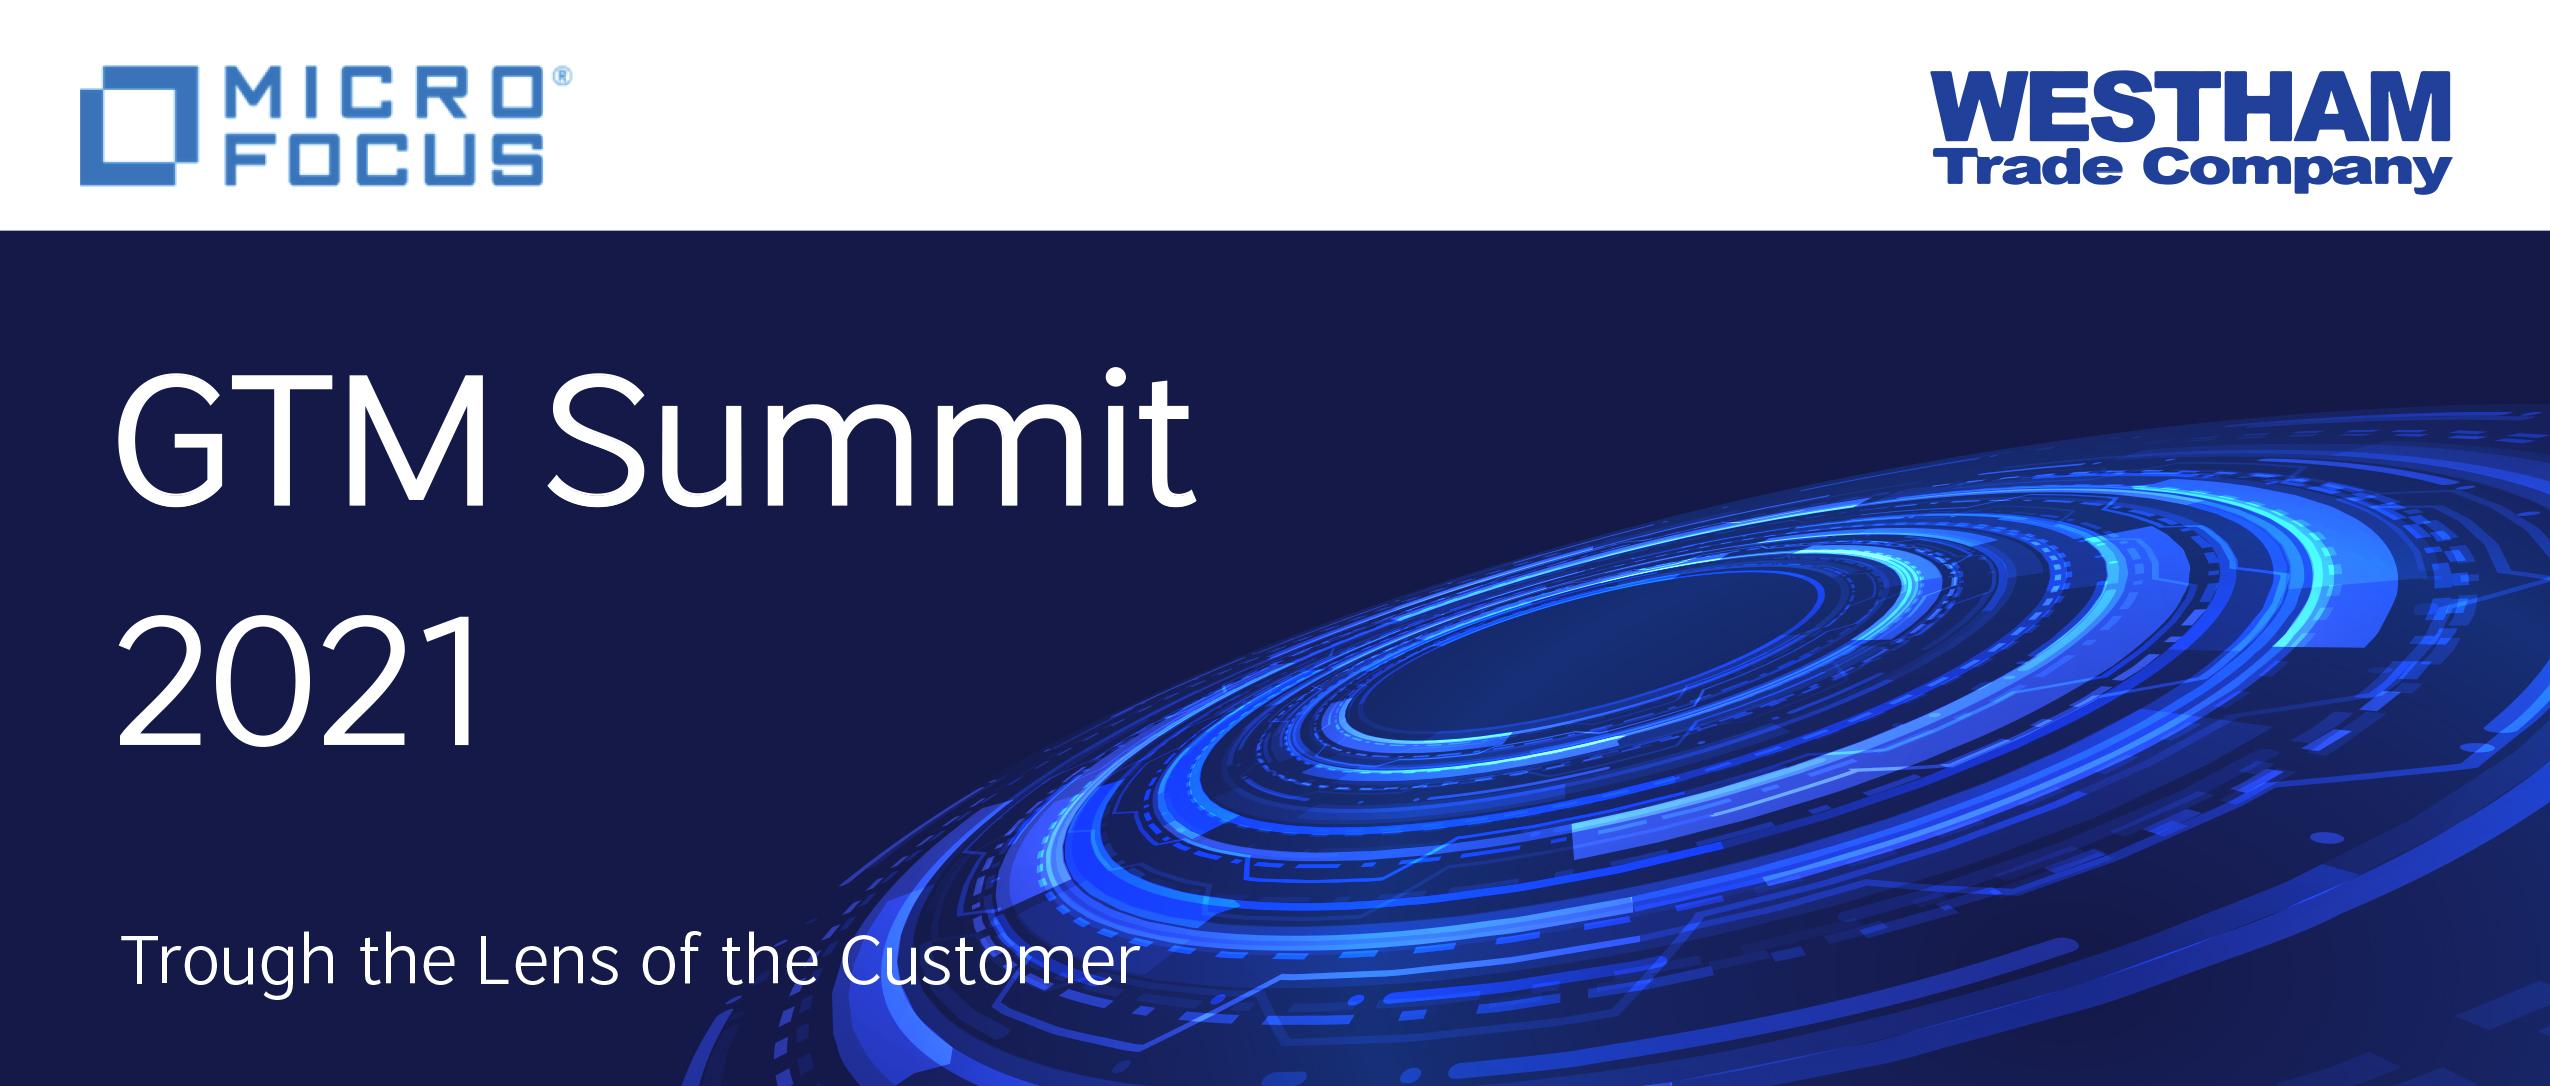 GTM Summit 2021